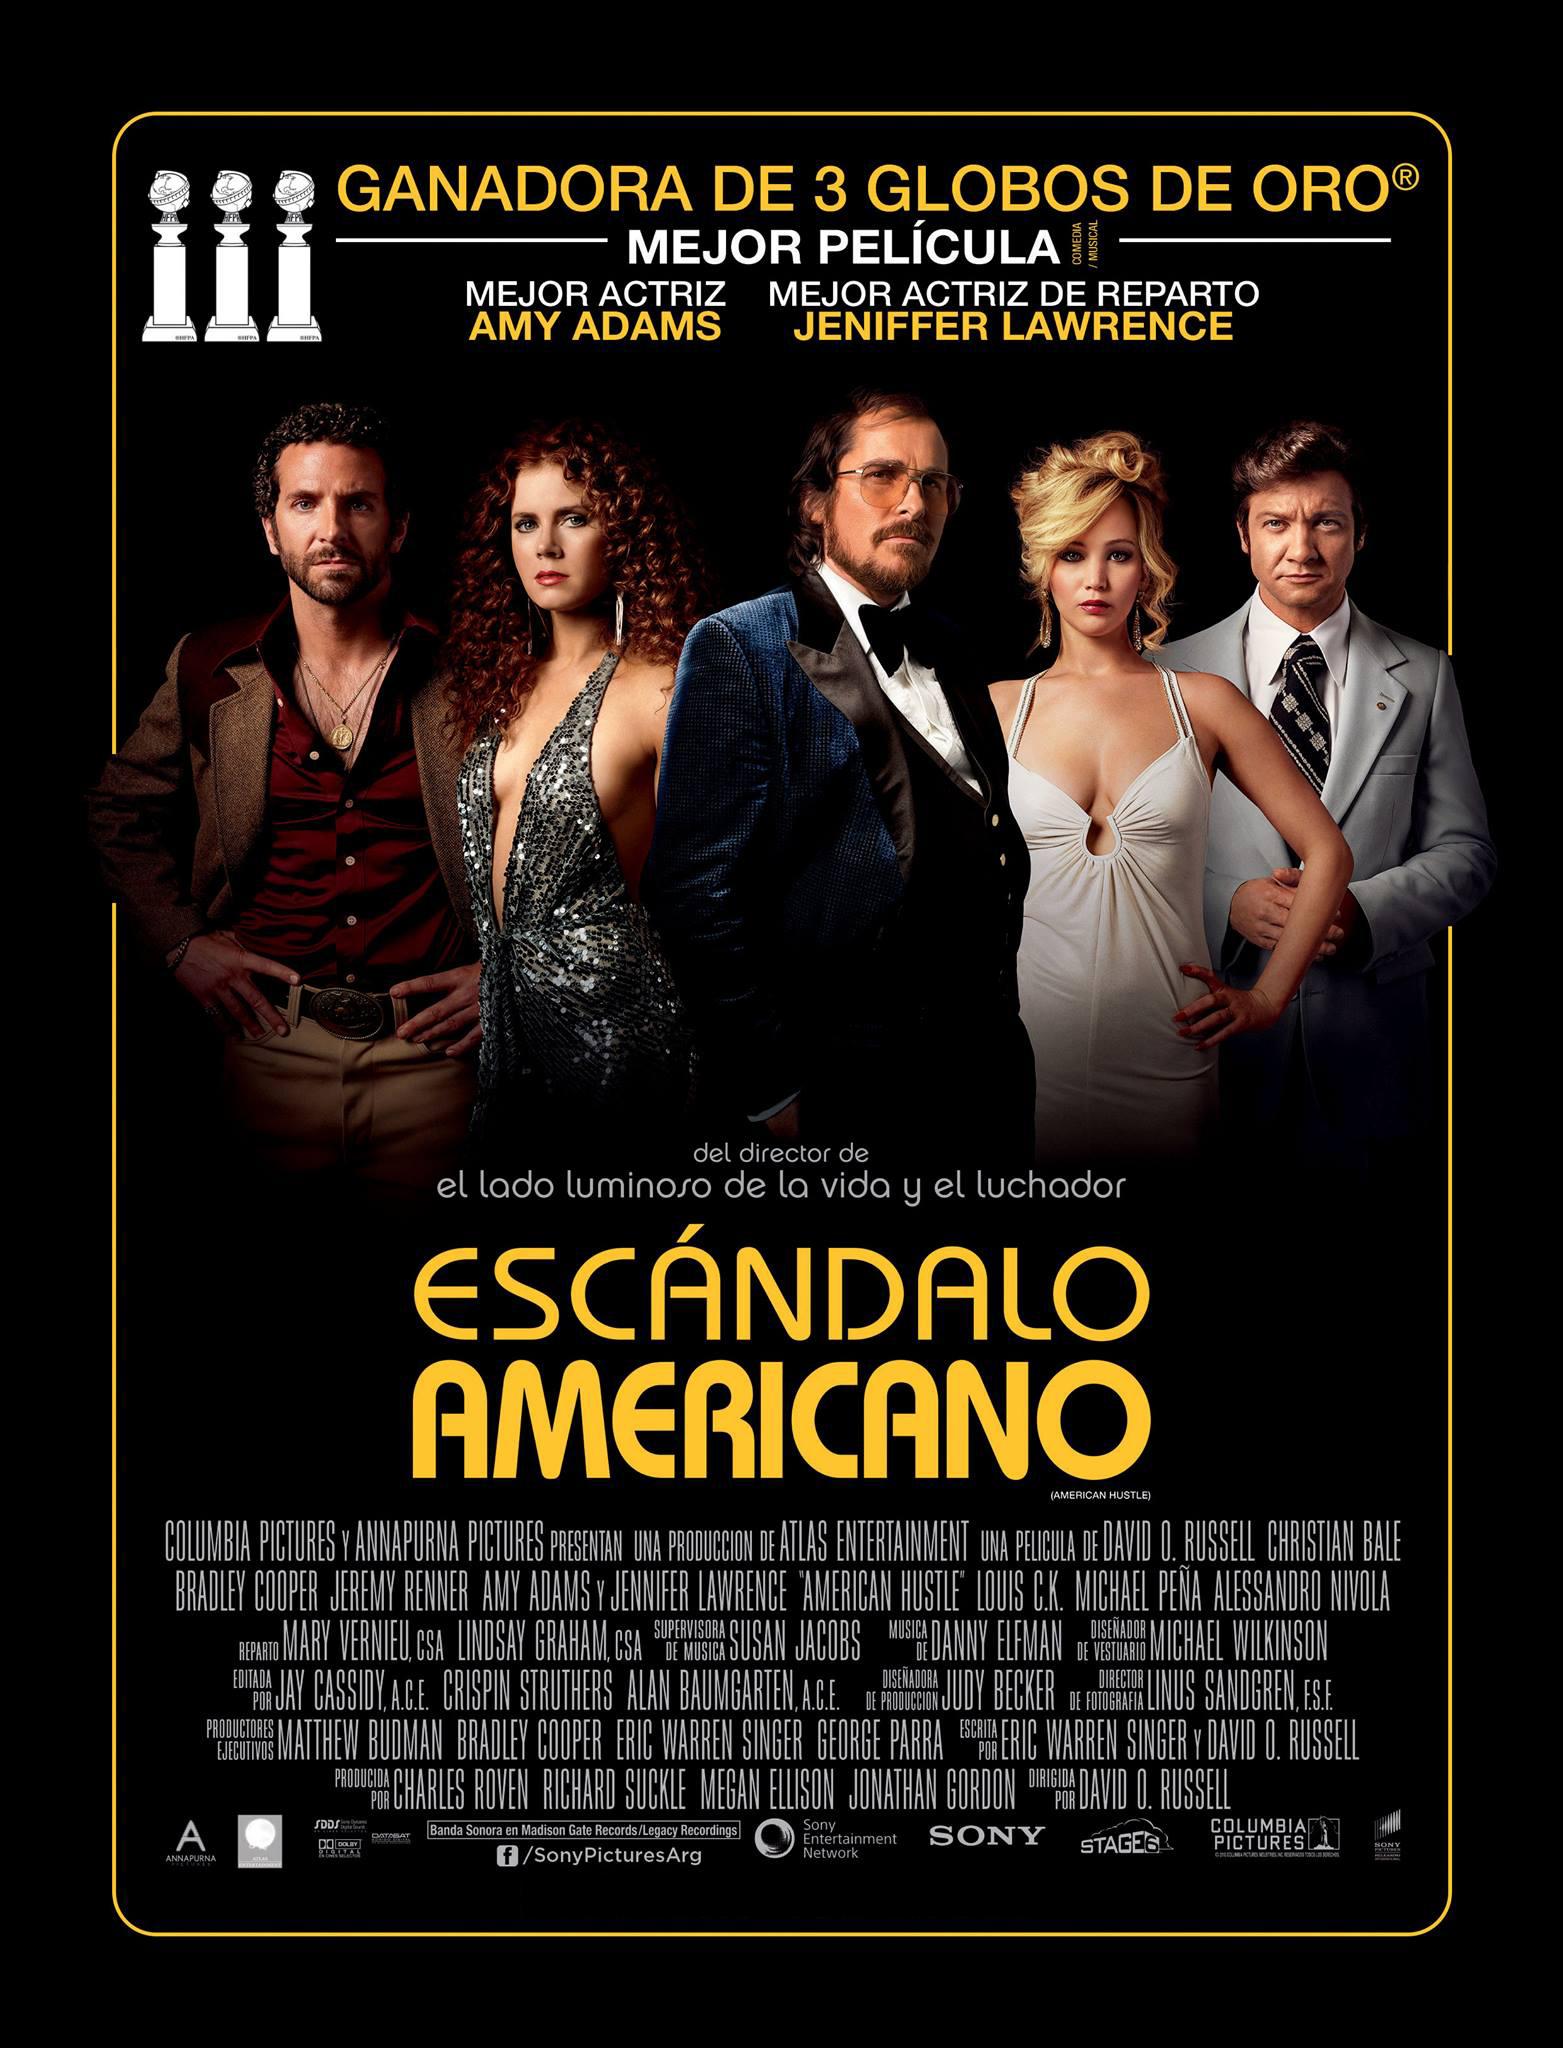 ESCANDALO AMERICANO